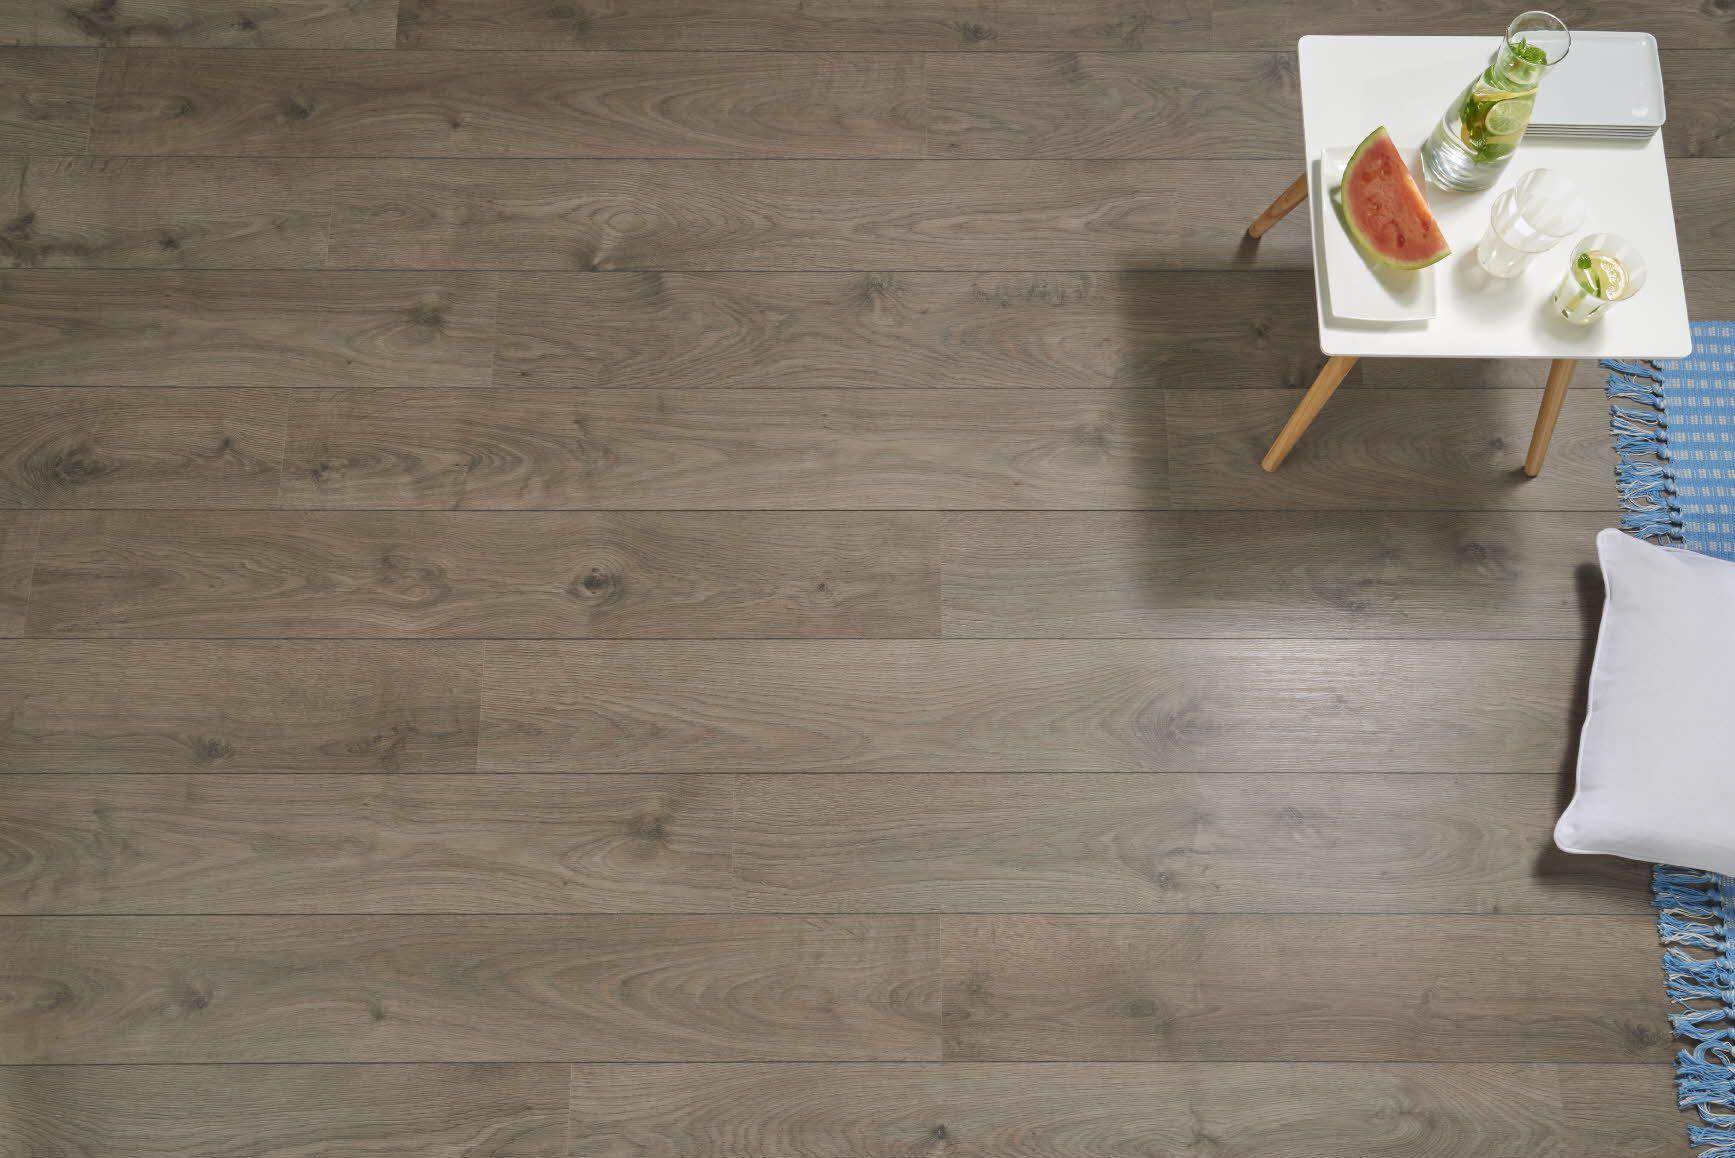 Praxis Laminaat Aanbieding : Praxis huismerk vloeren aanbieding pagina van beste